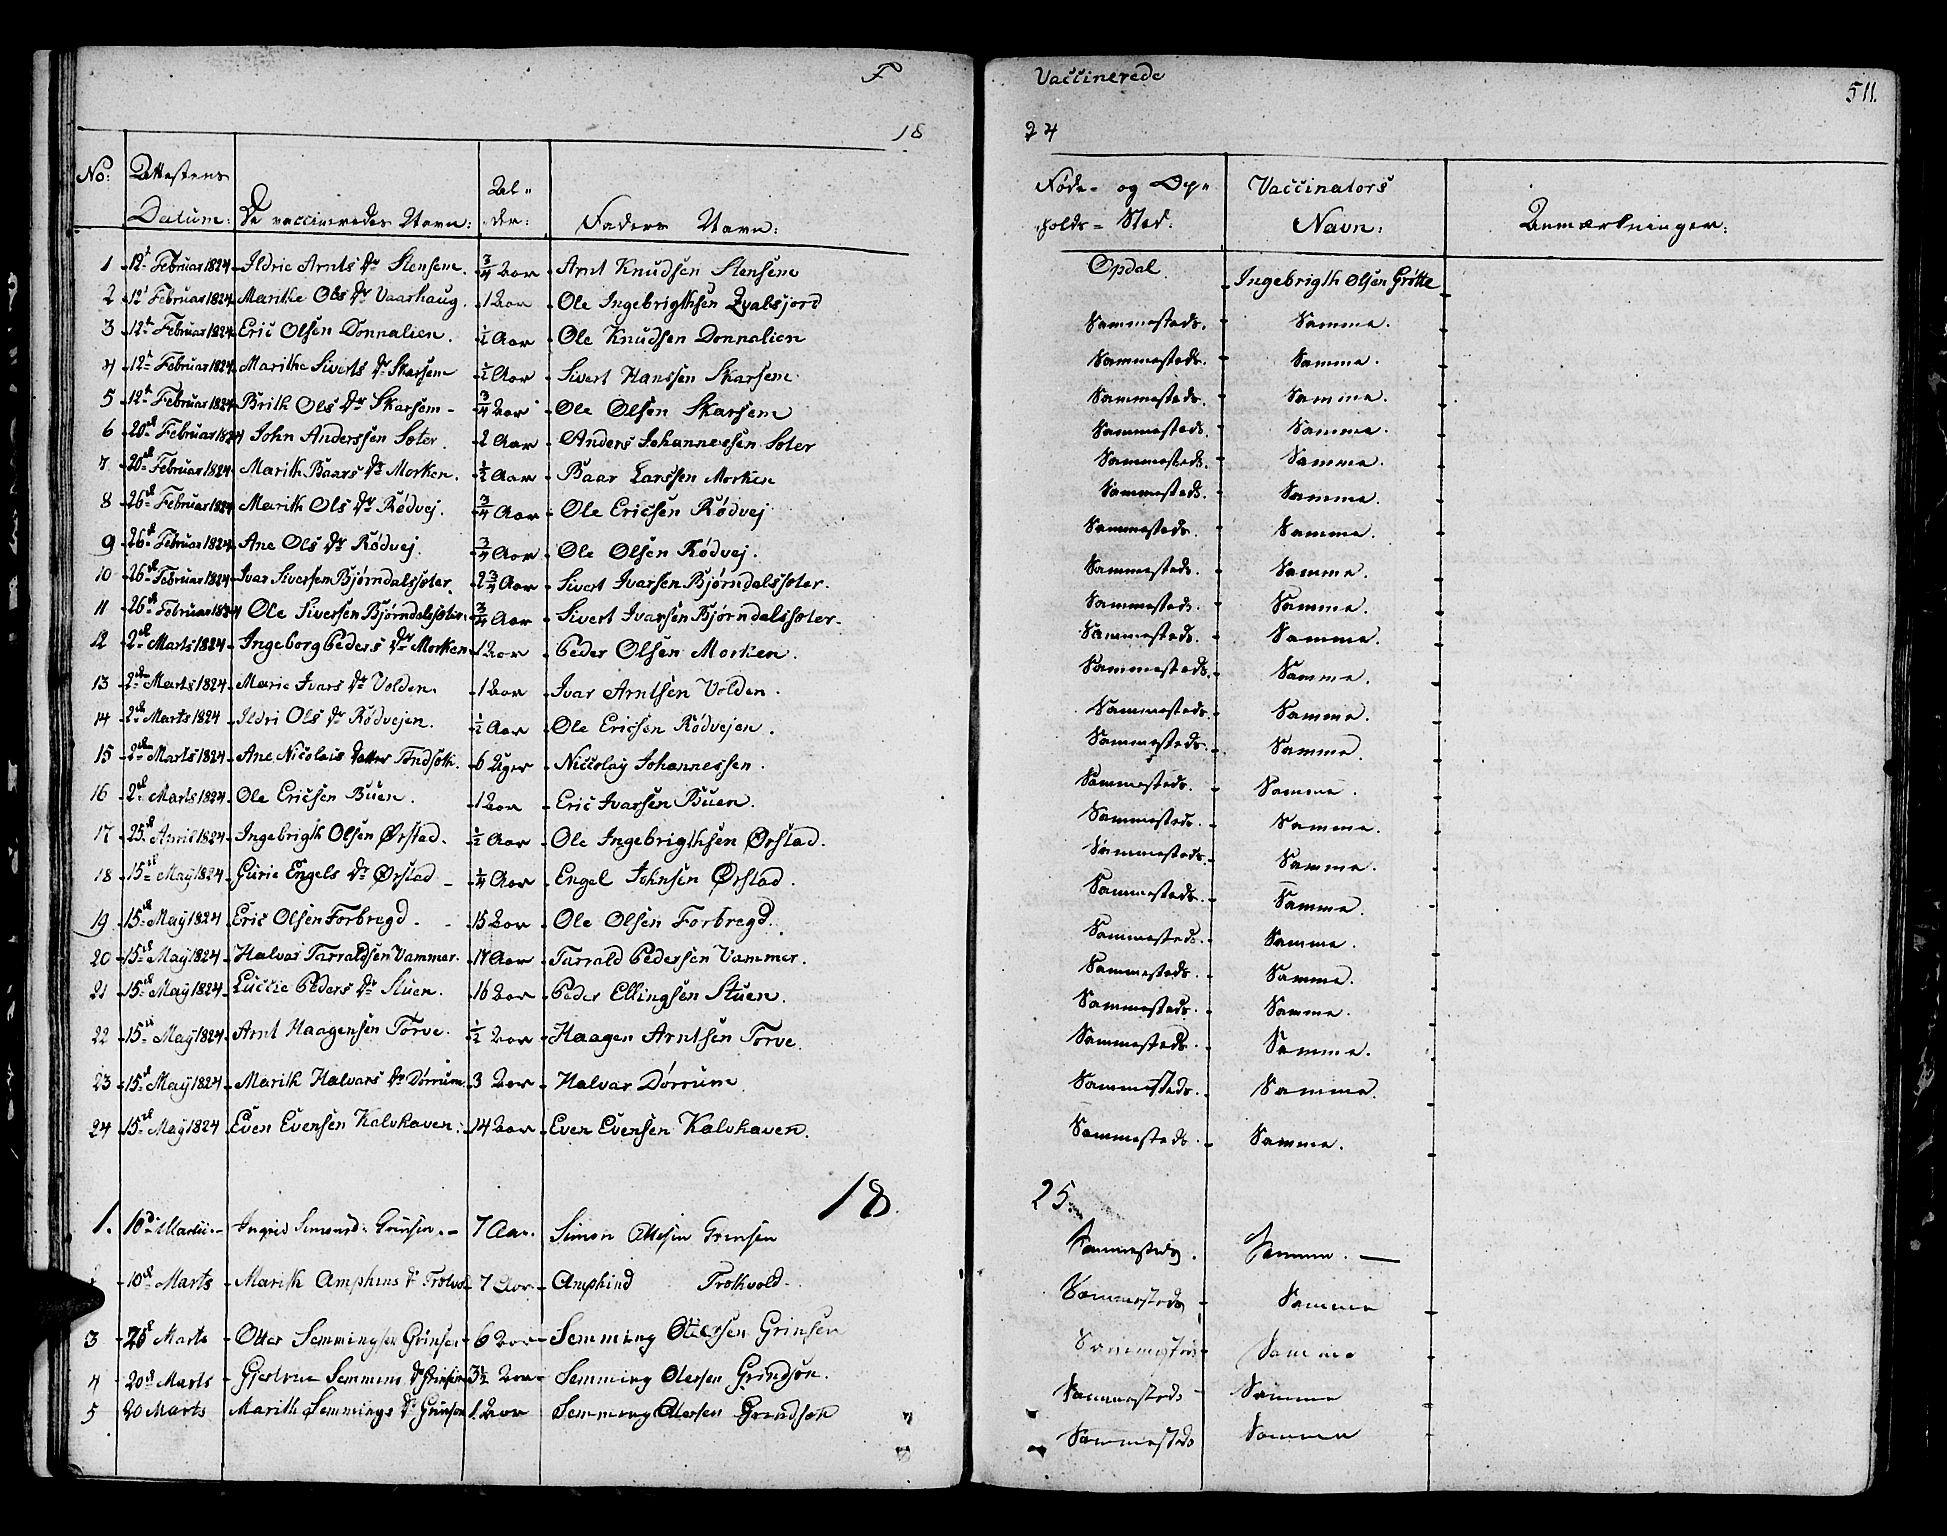 SAT, Ministerialprotokoller, klokkerbøker og fødselsregistre - Sør-Trøndelag, 678/L0897: Ministerialbok nr. 678A06-07, 1821-1847, s. 511